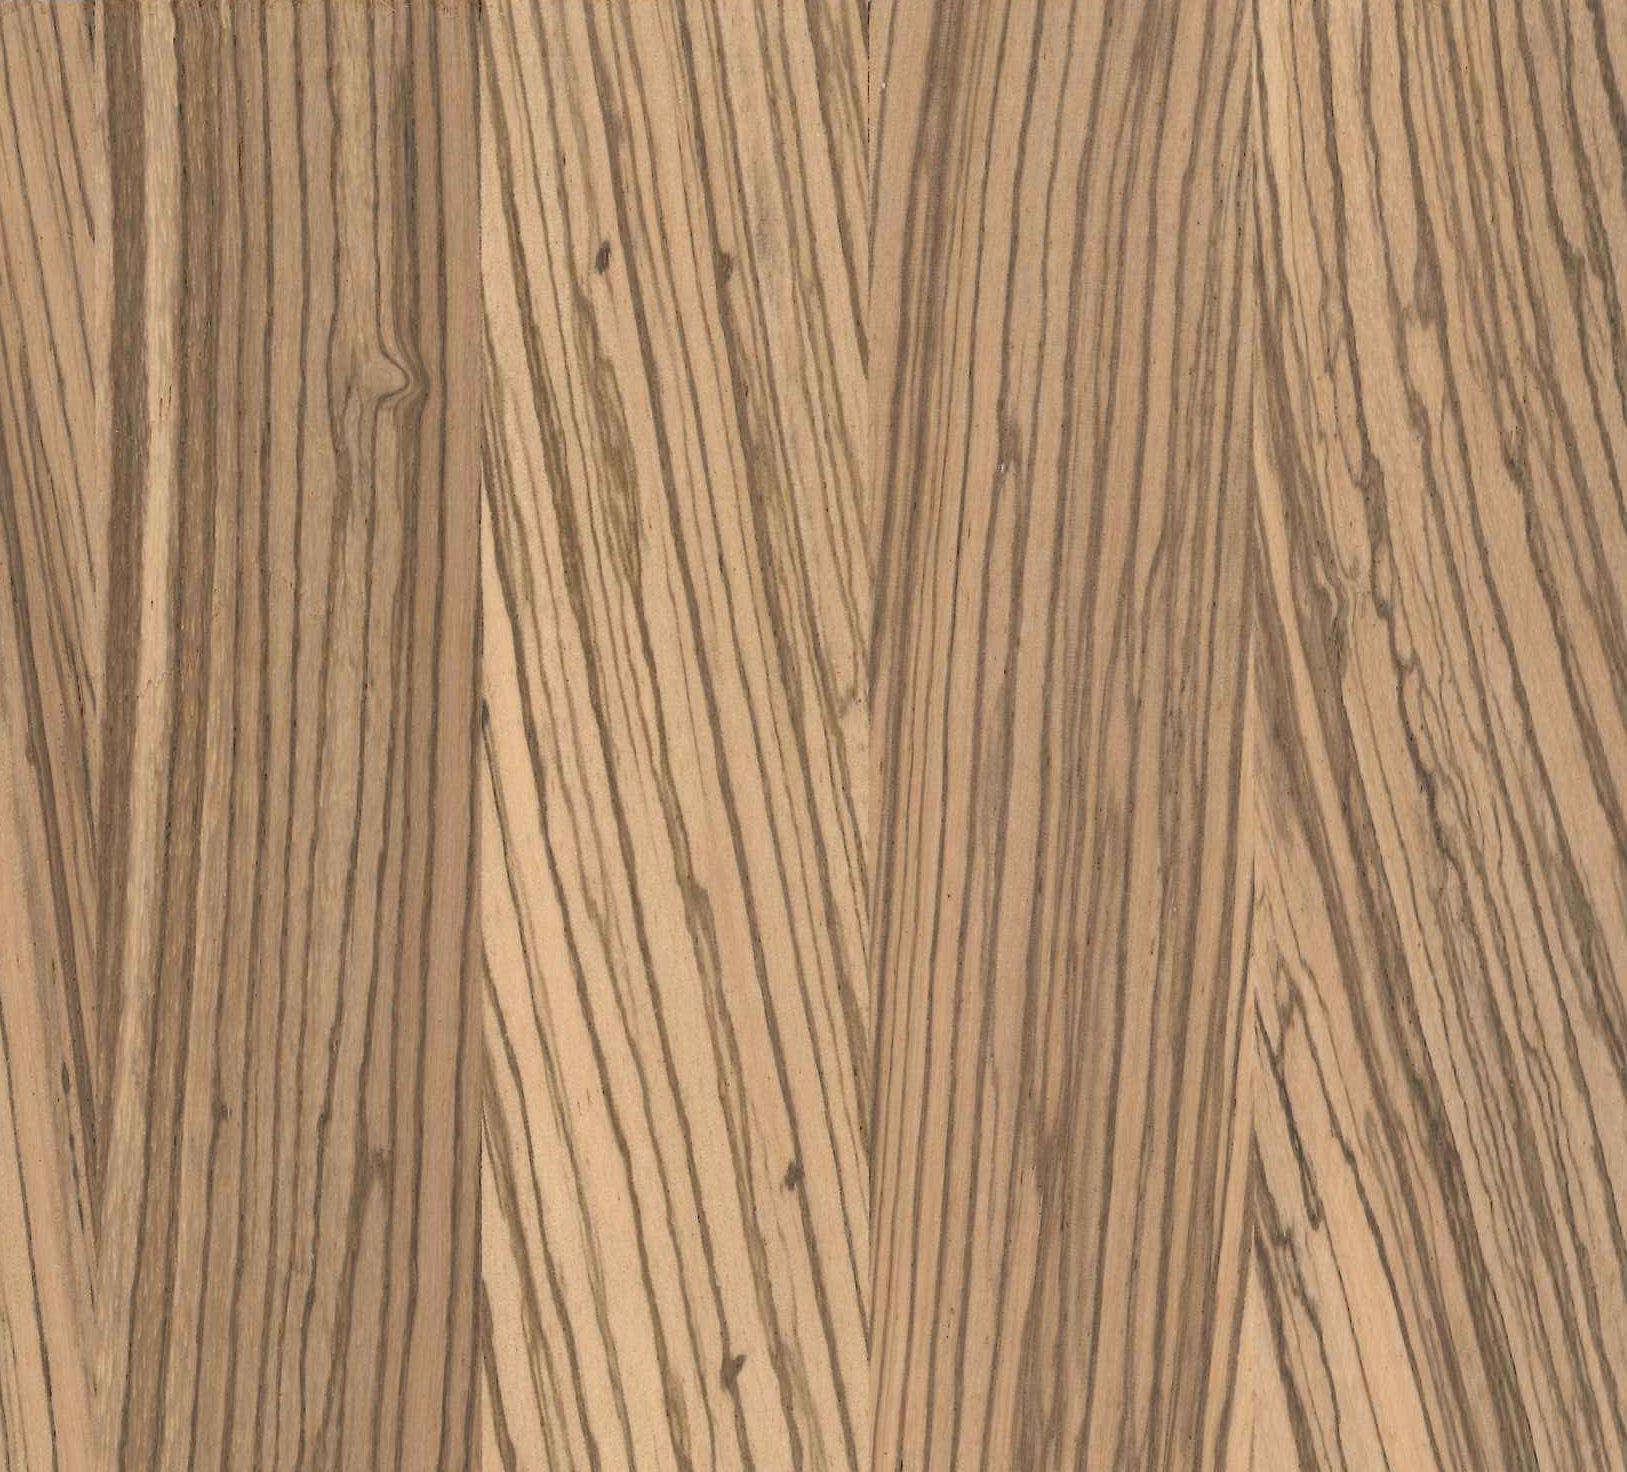 product massief houten panelen massief houten paneel type massief hout